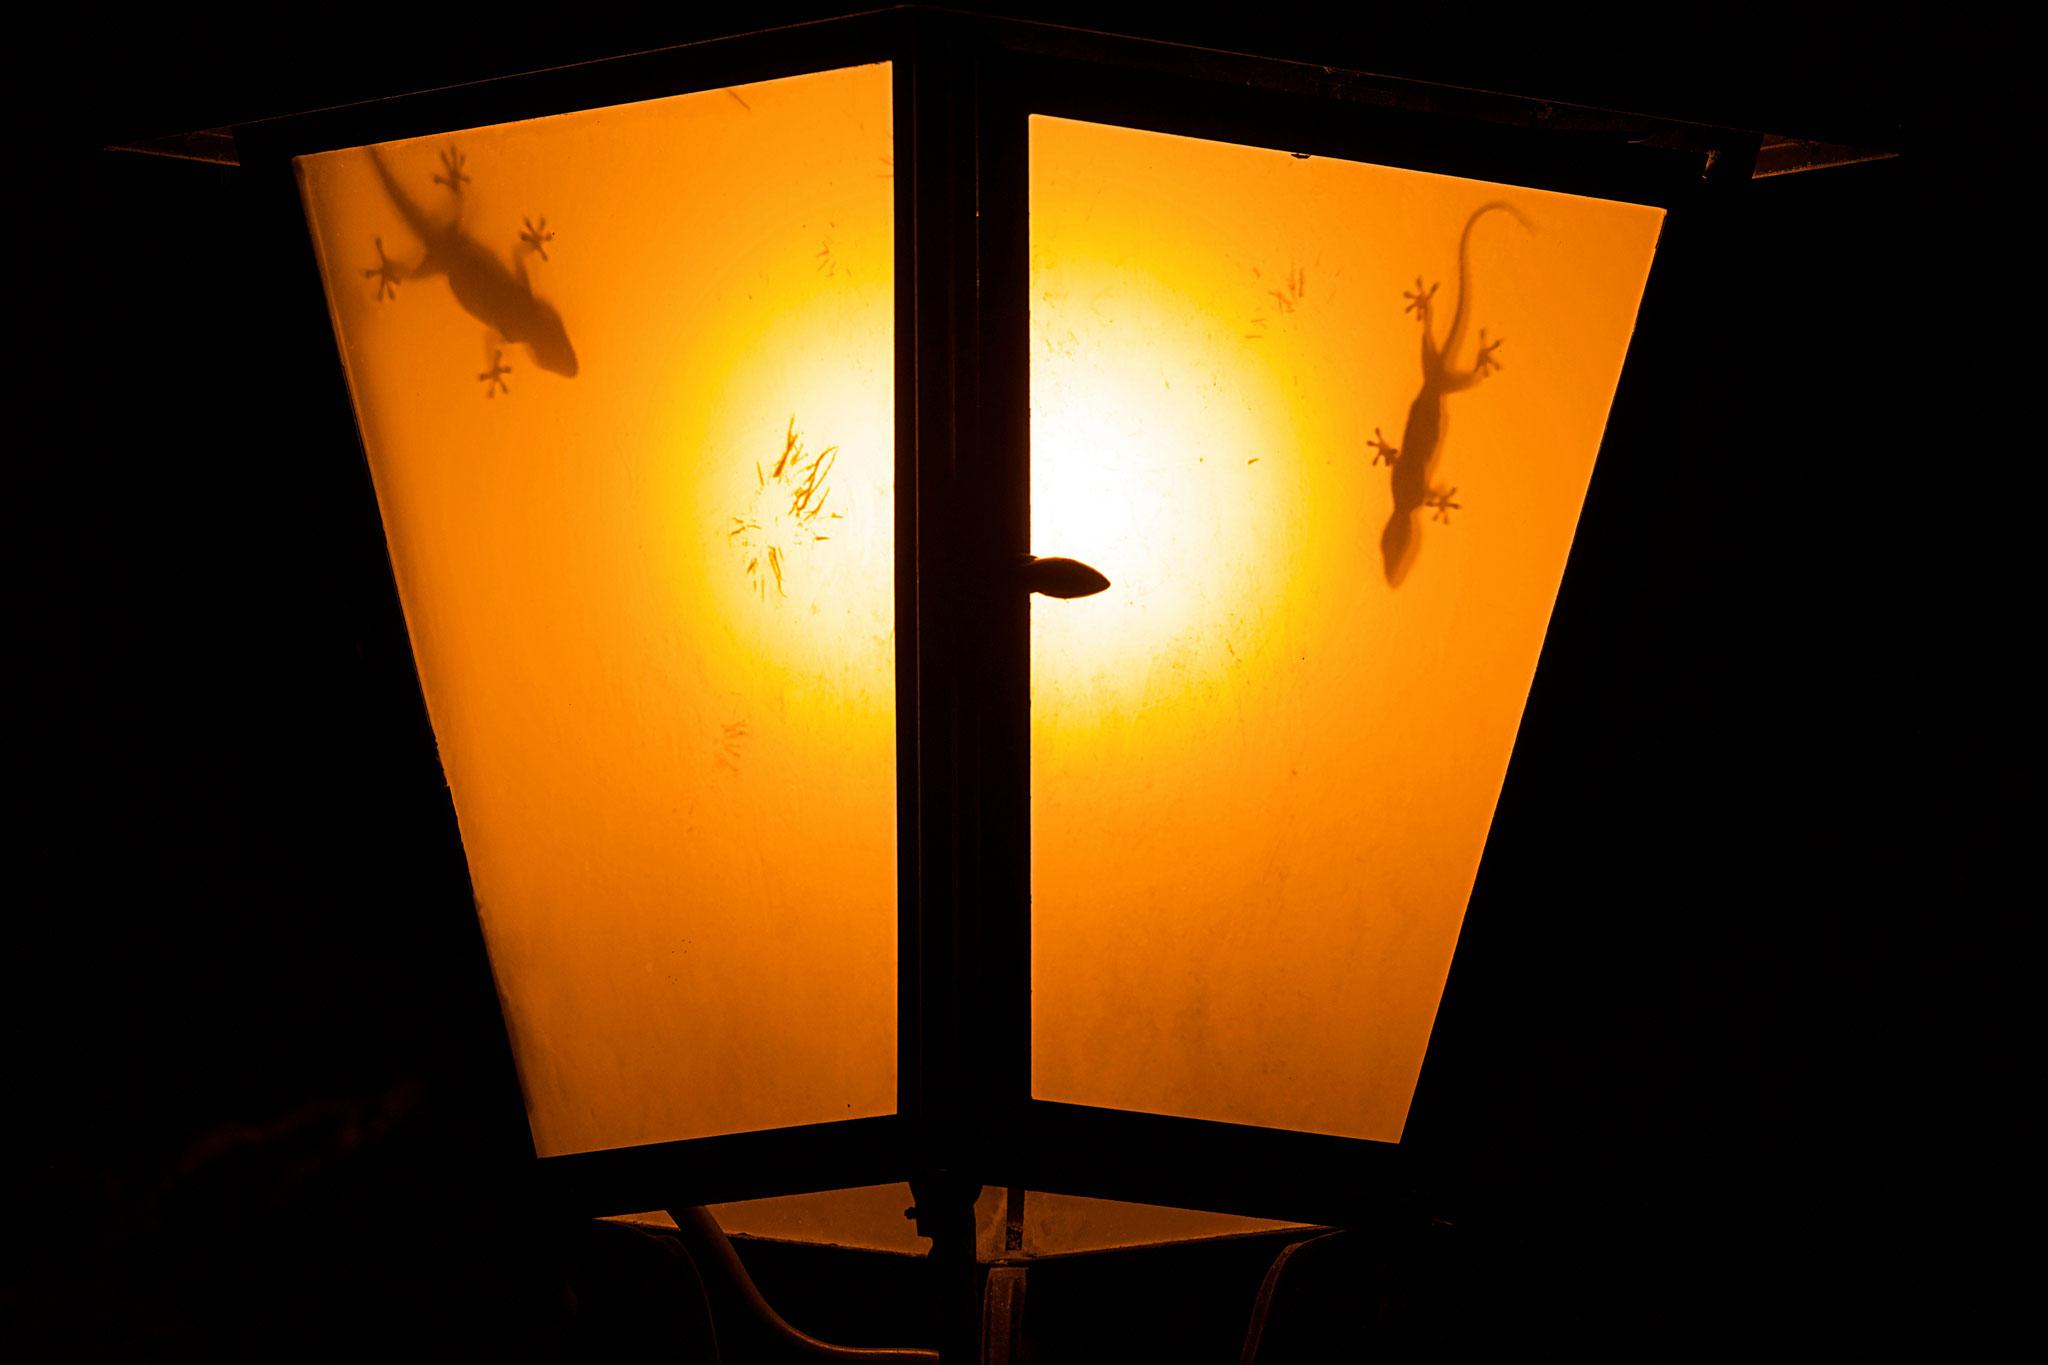 Septembre 2017 ~ Tarentes à l'affût d'insectes dans un lampadaire